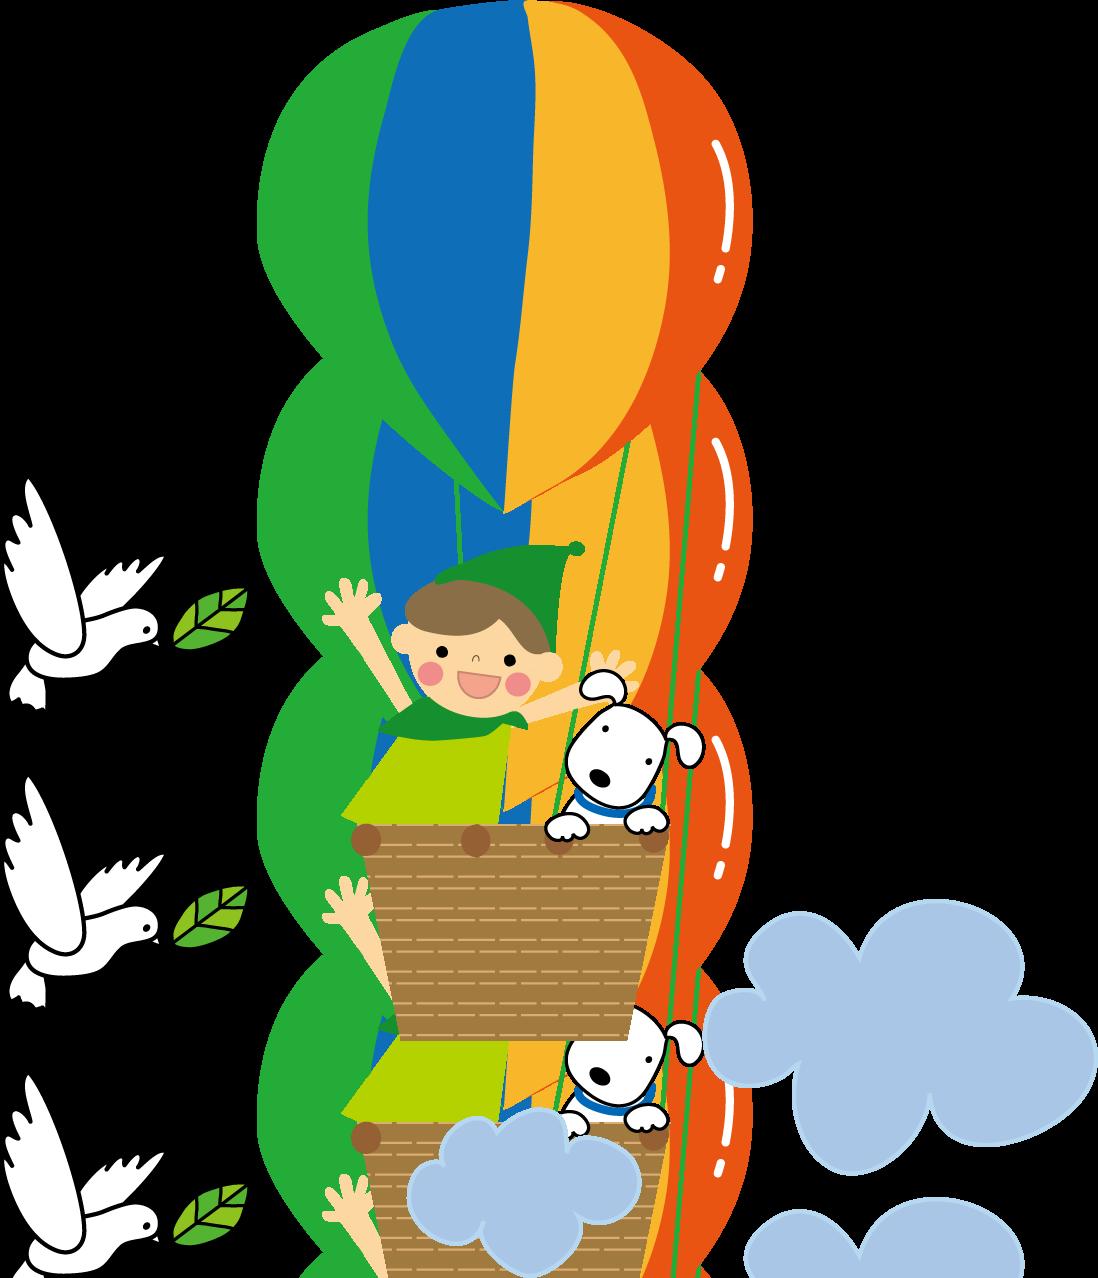 気球のイラスト(無料イラスト)フリー素材